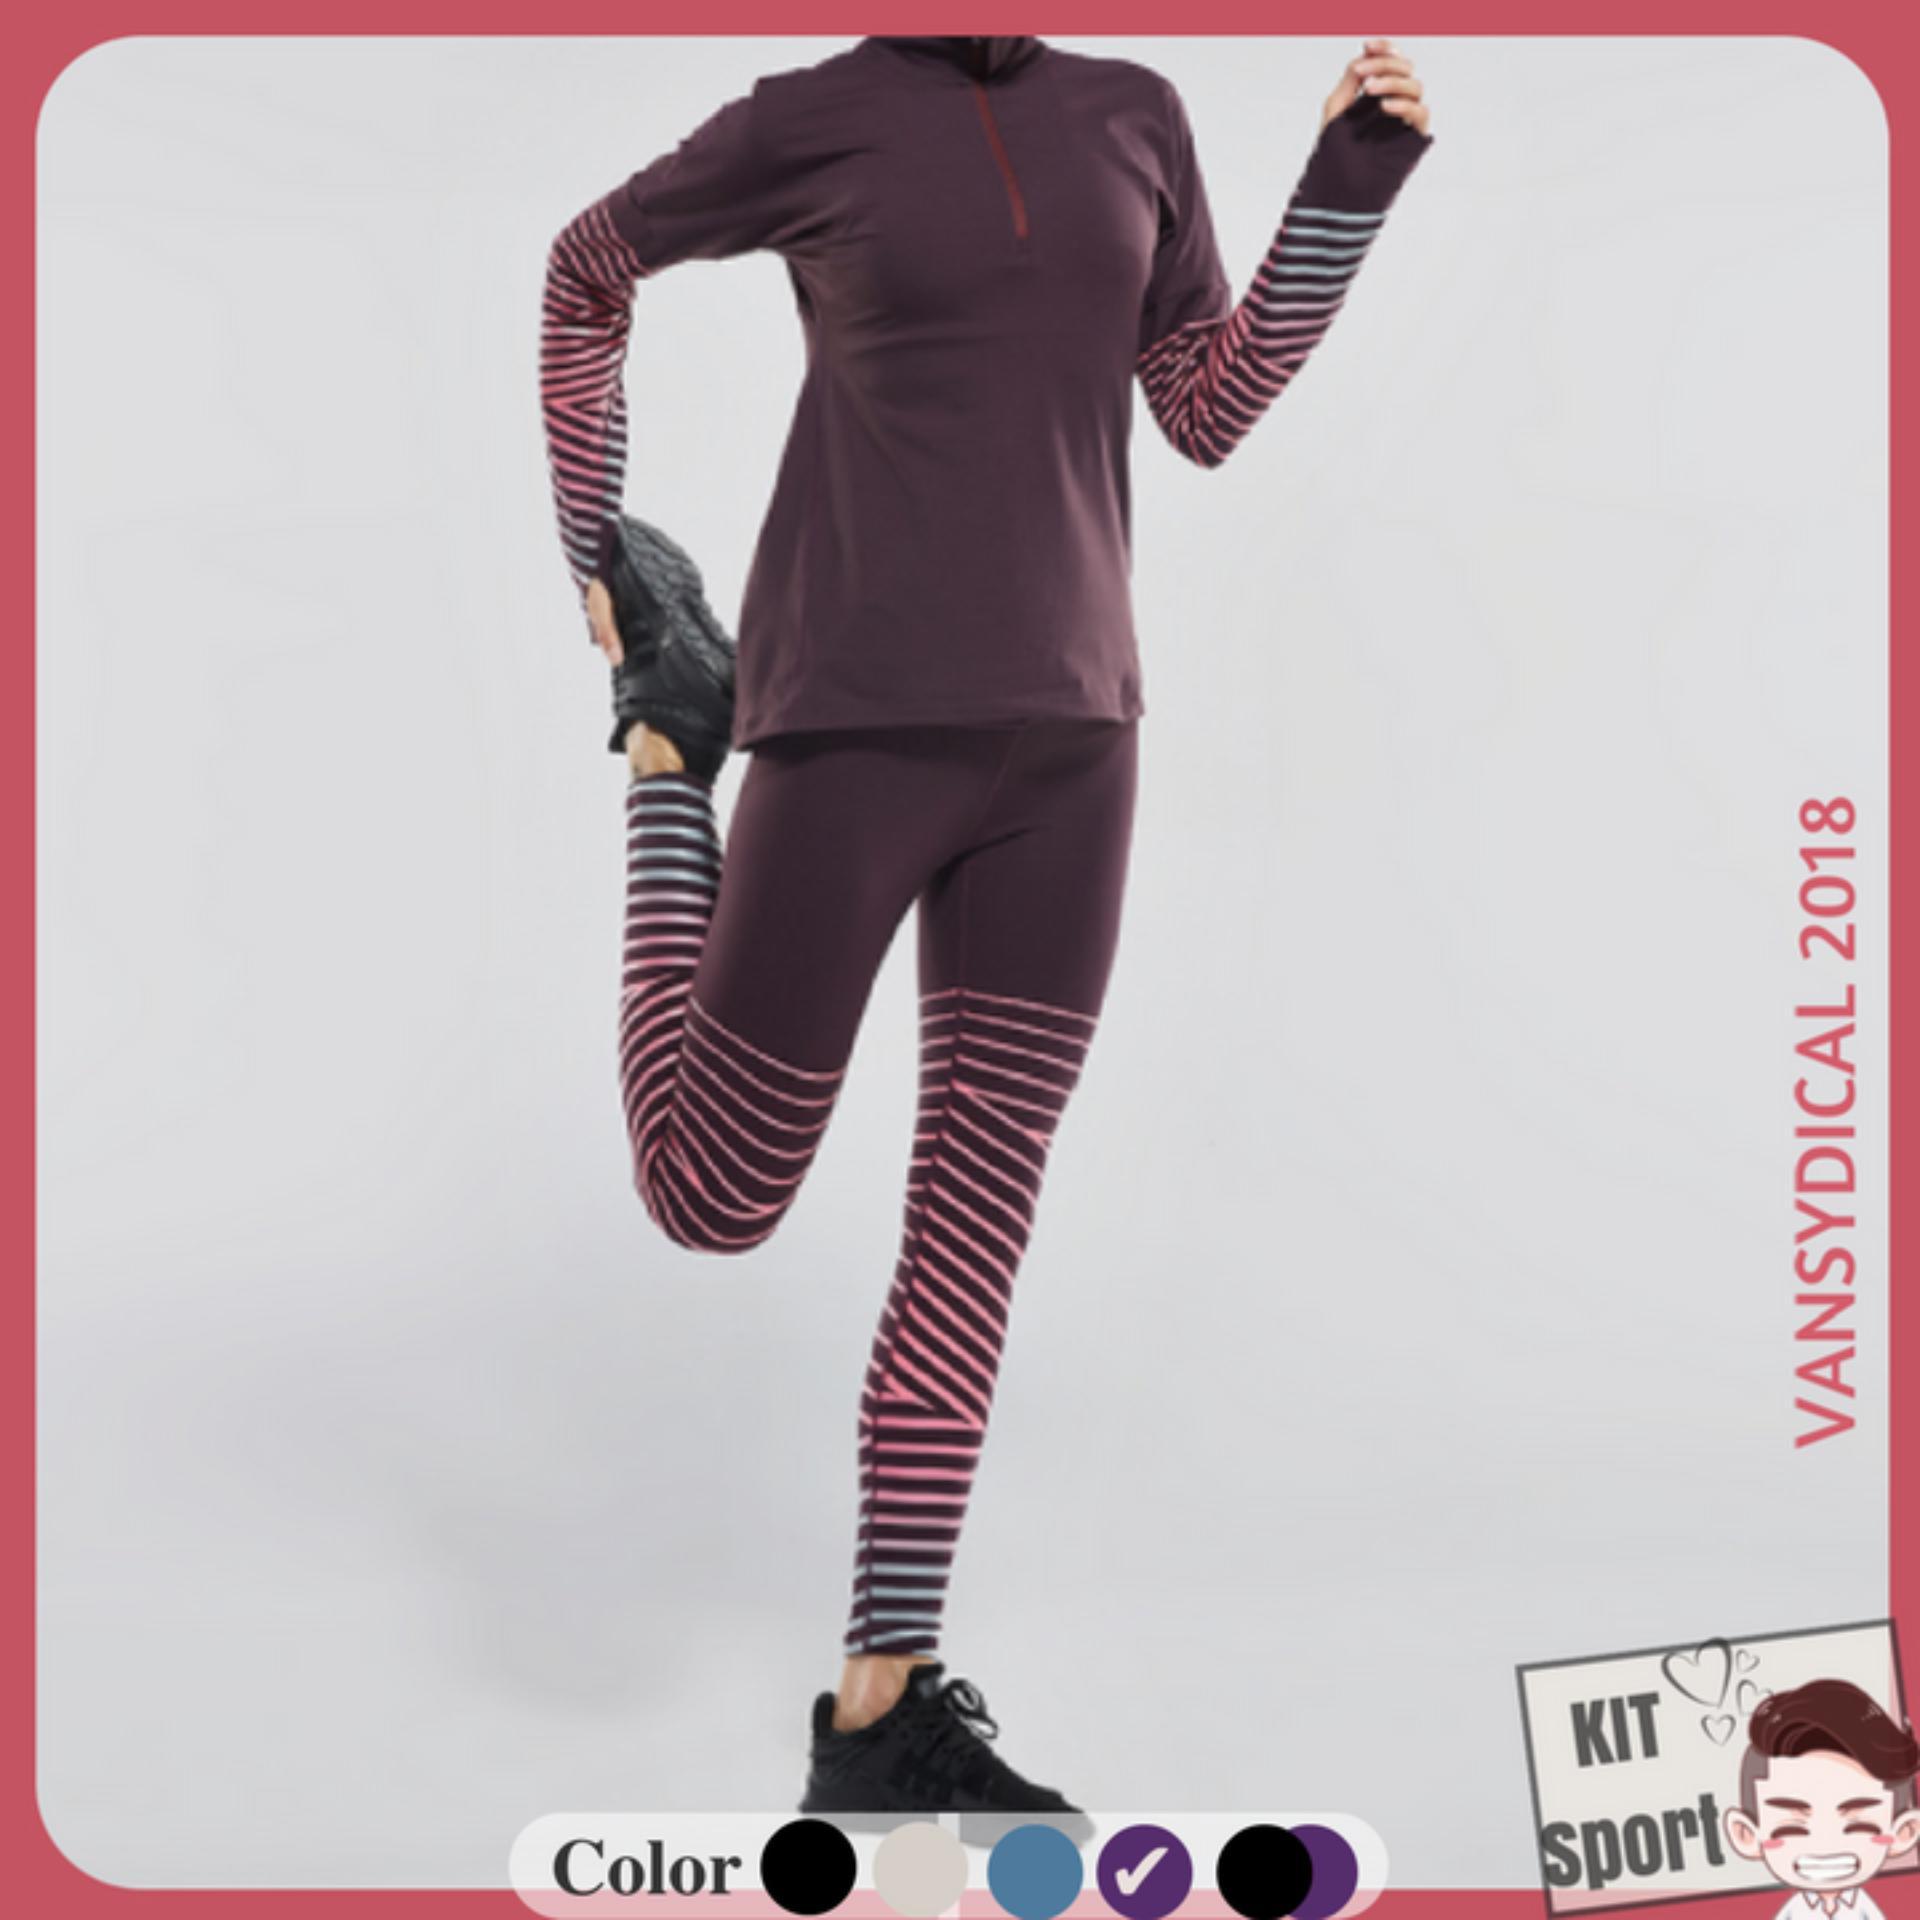 Bán Quần Dai Legging Thể Thao Nữ Snake Hiệu Vansydical Hang Nhập Khẩu Đồ Tập Thể Thao Tập Gym Thể Dục Thể Hinh Yoga Kit Sport Kit Sport Đồ Tập Chính Hãng Nguyên